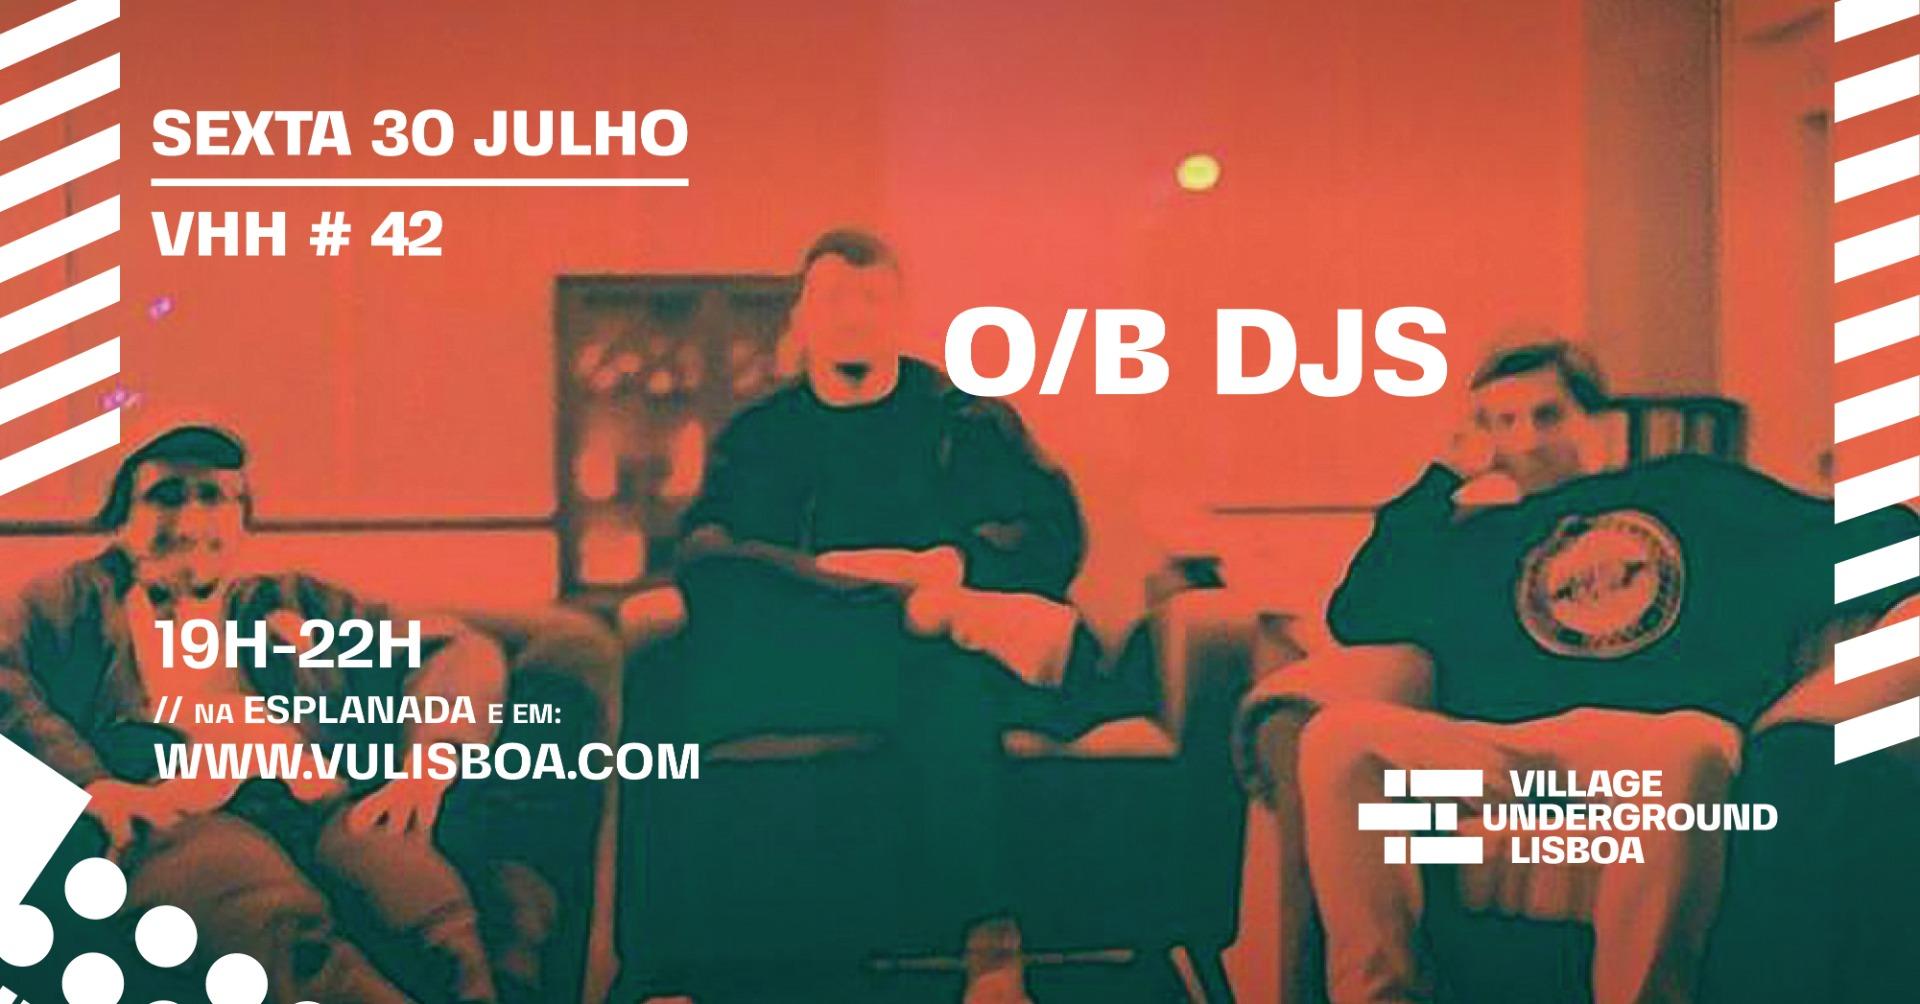 30 Julho - O/B DJs // Esplanada